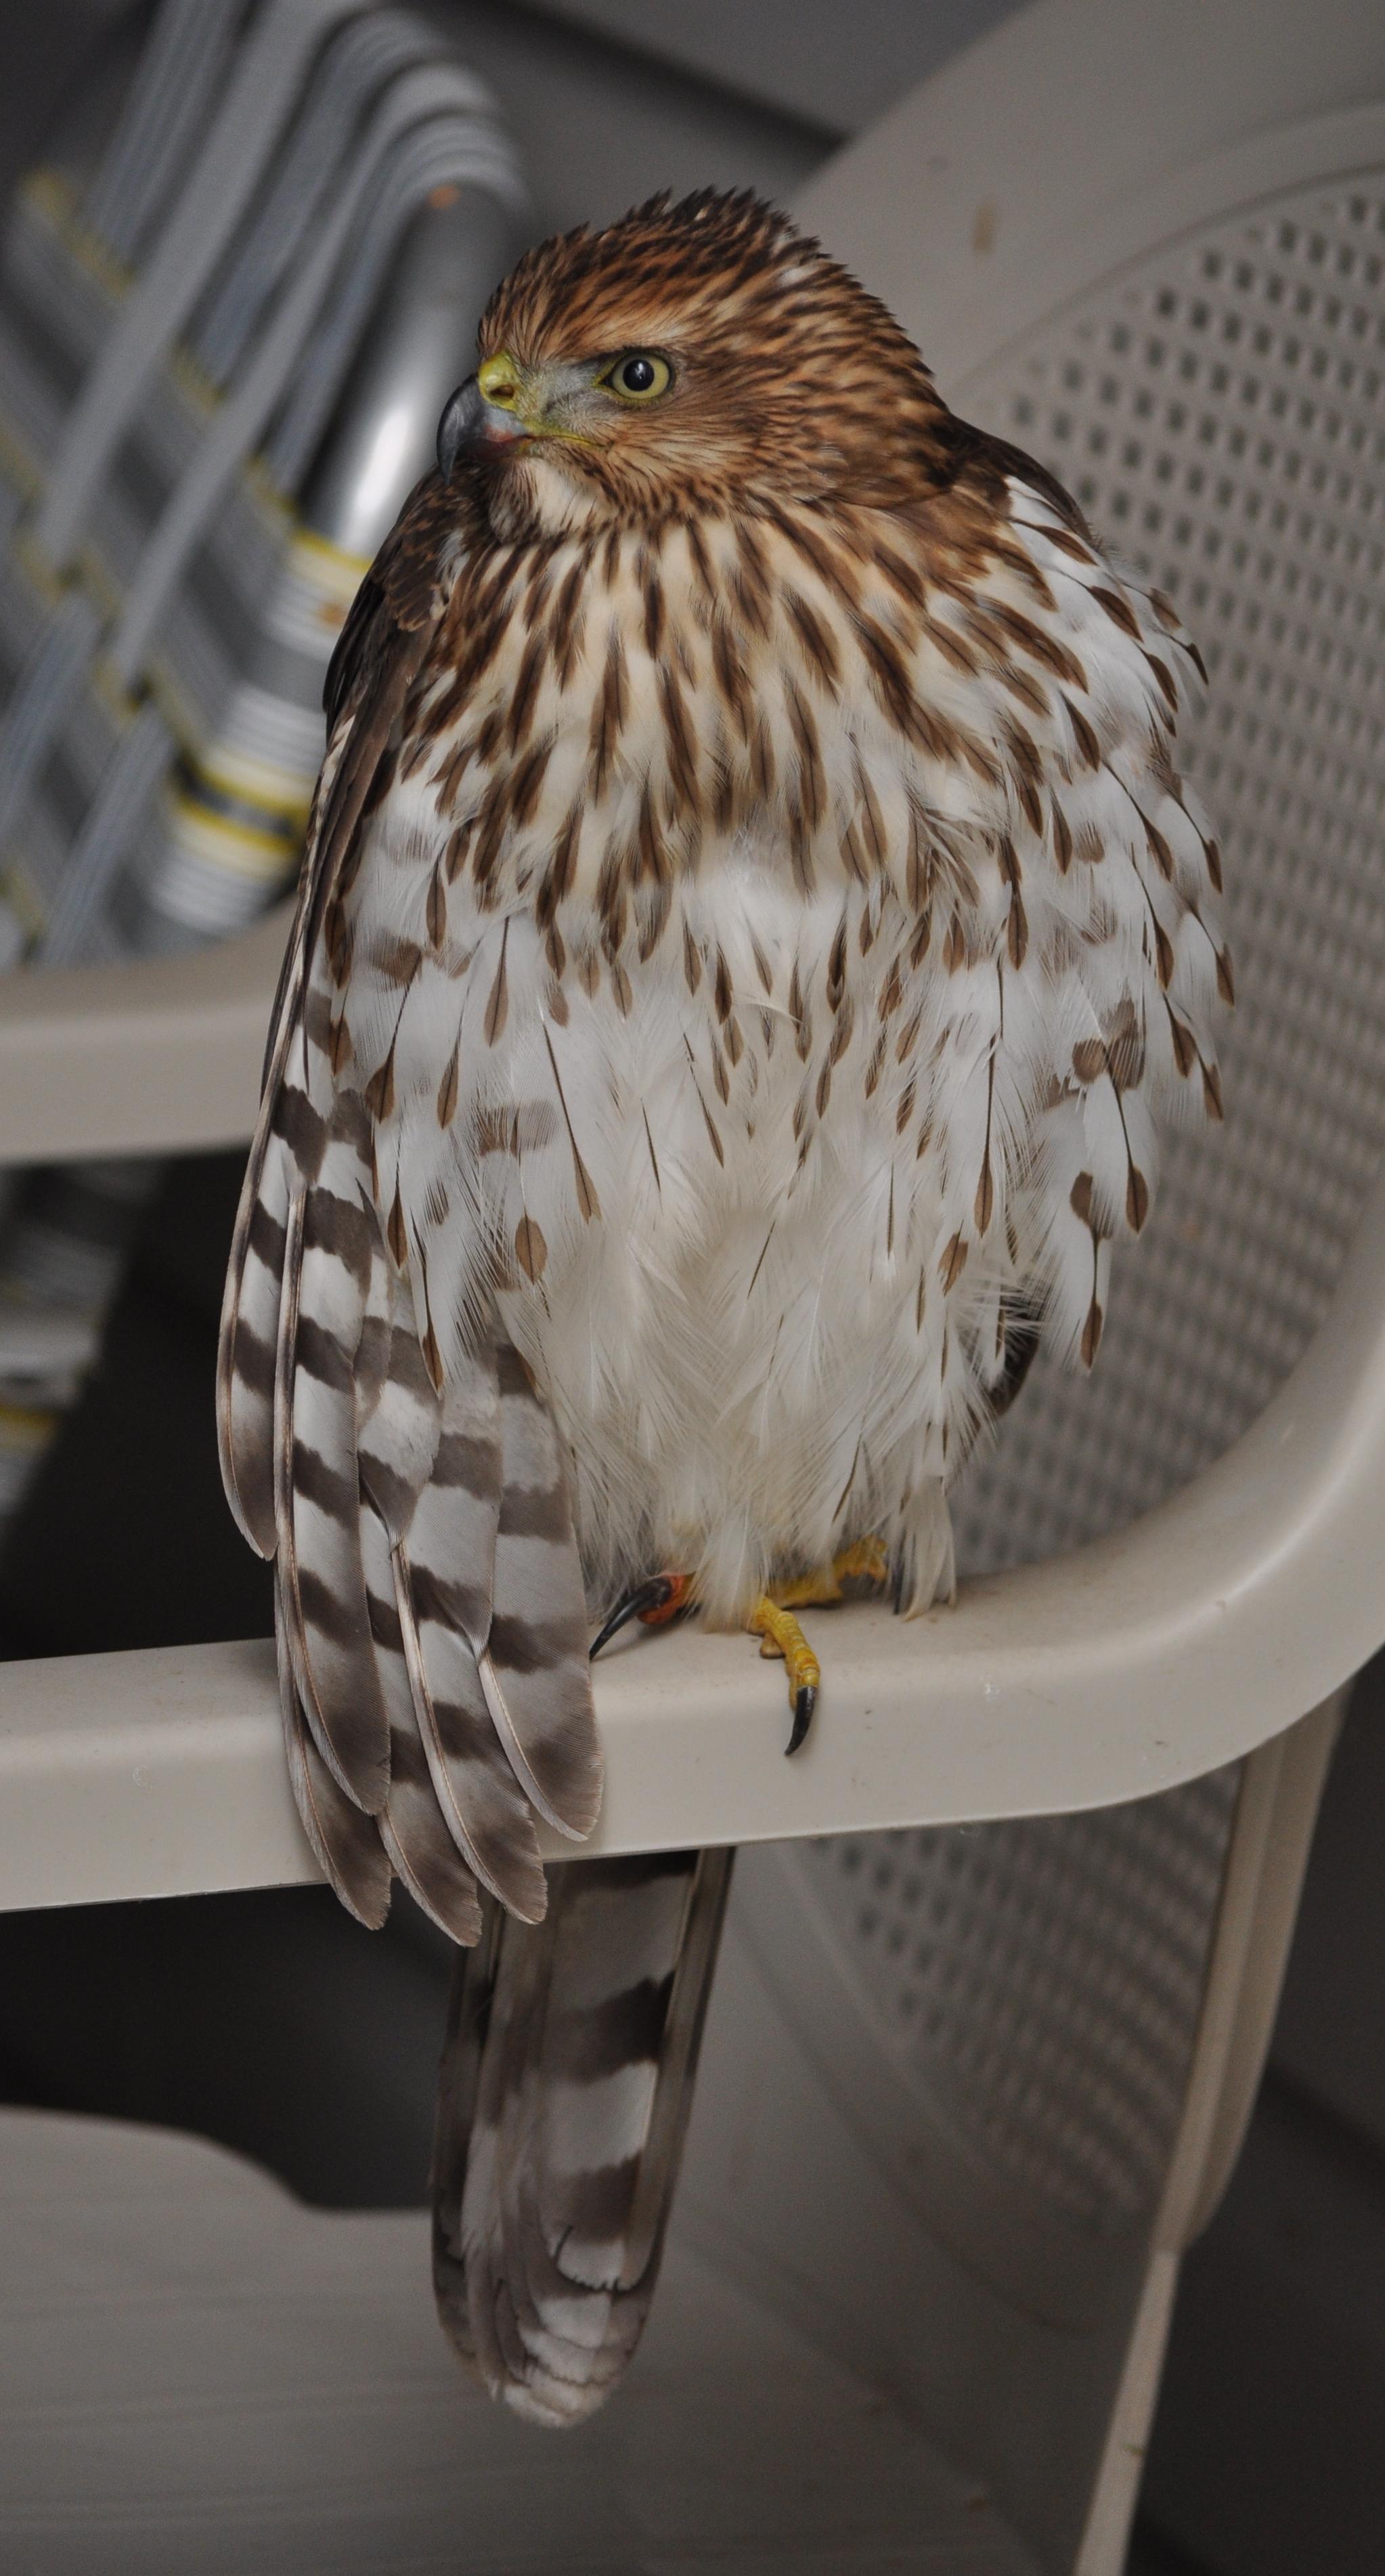 Hawk sitting on chair